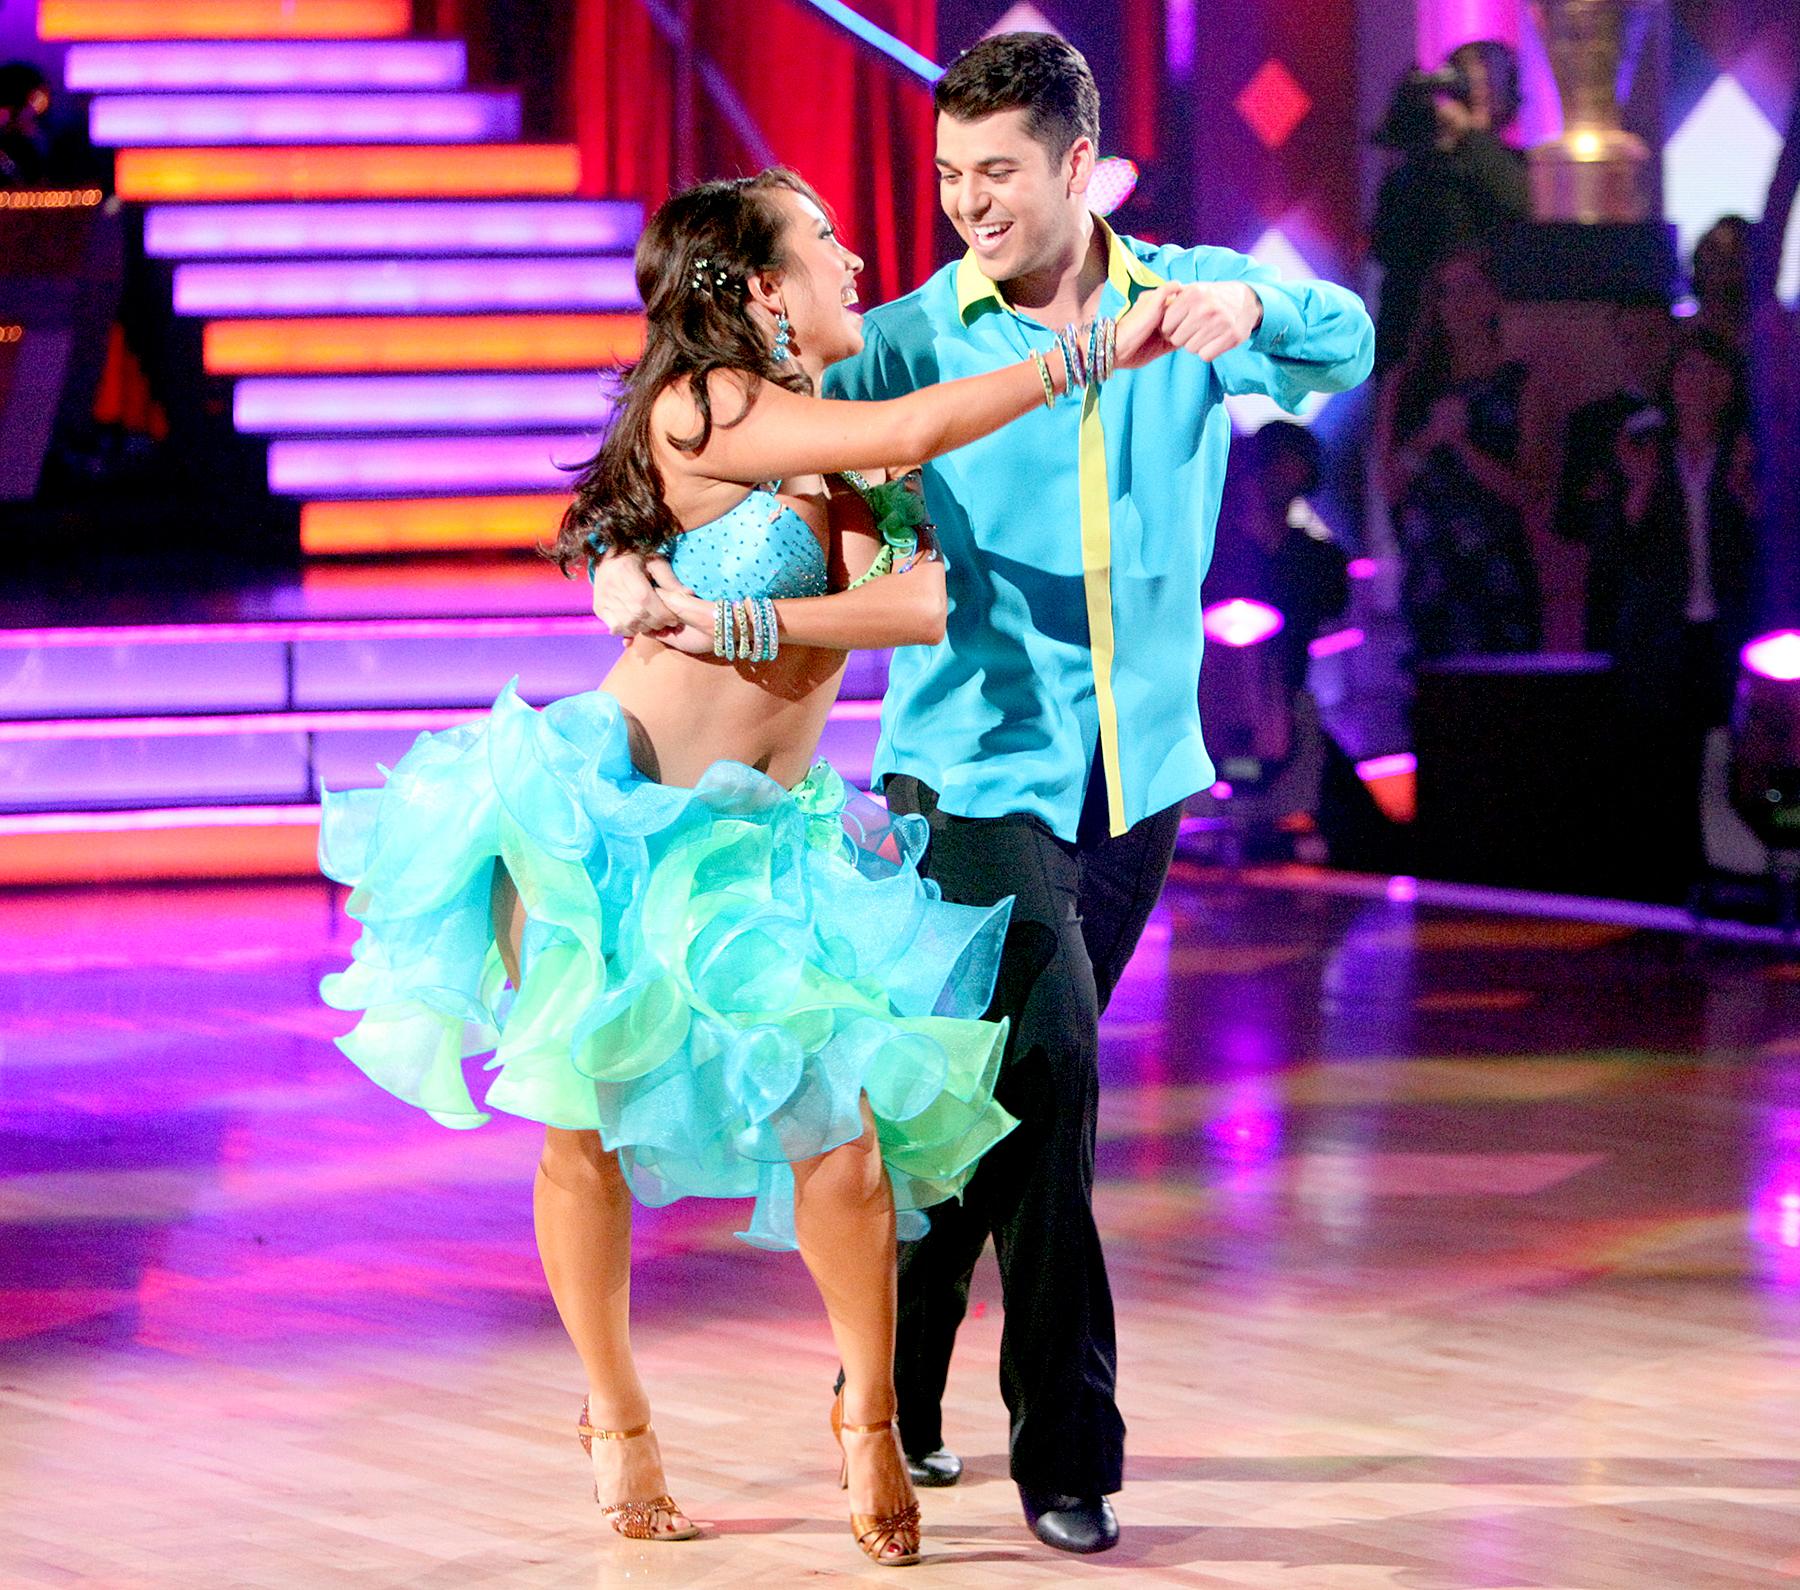 Cheryl Burke and Rob Kardashian on Dancing with the Stars.